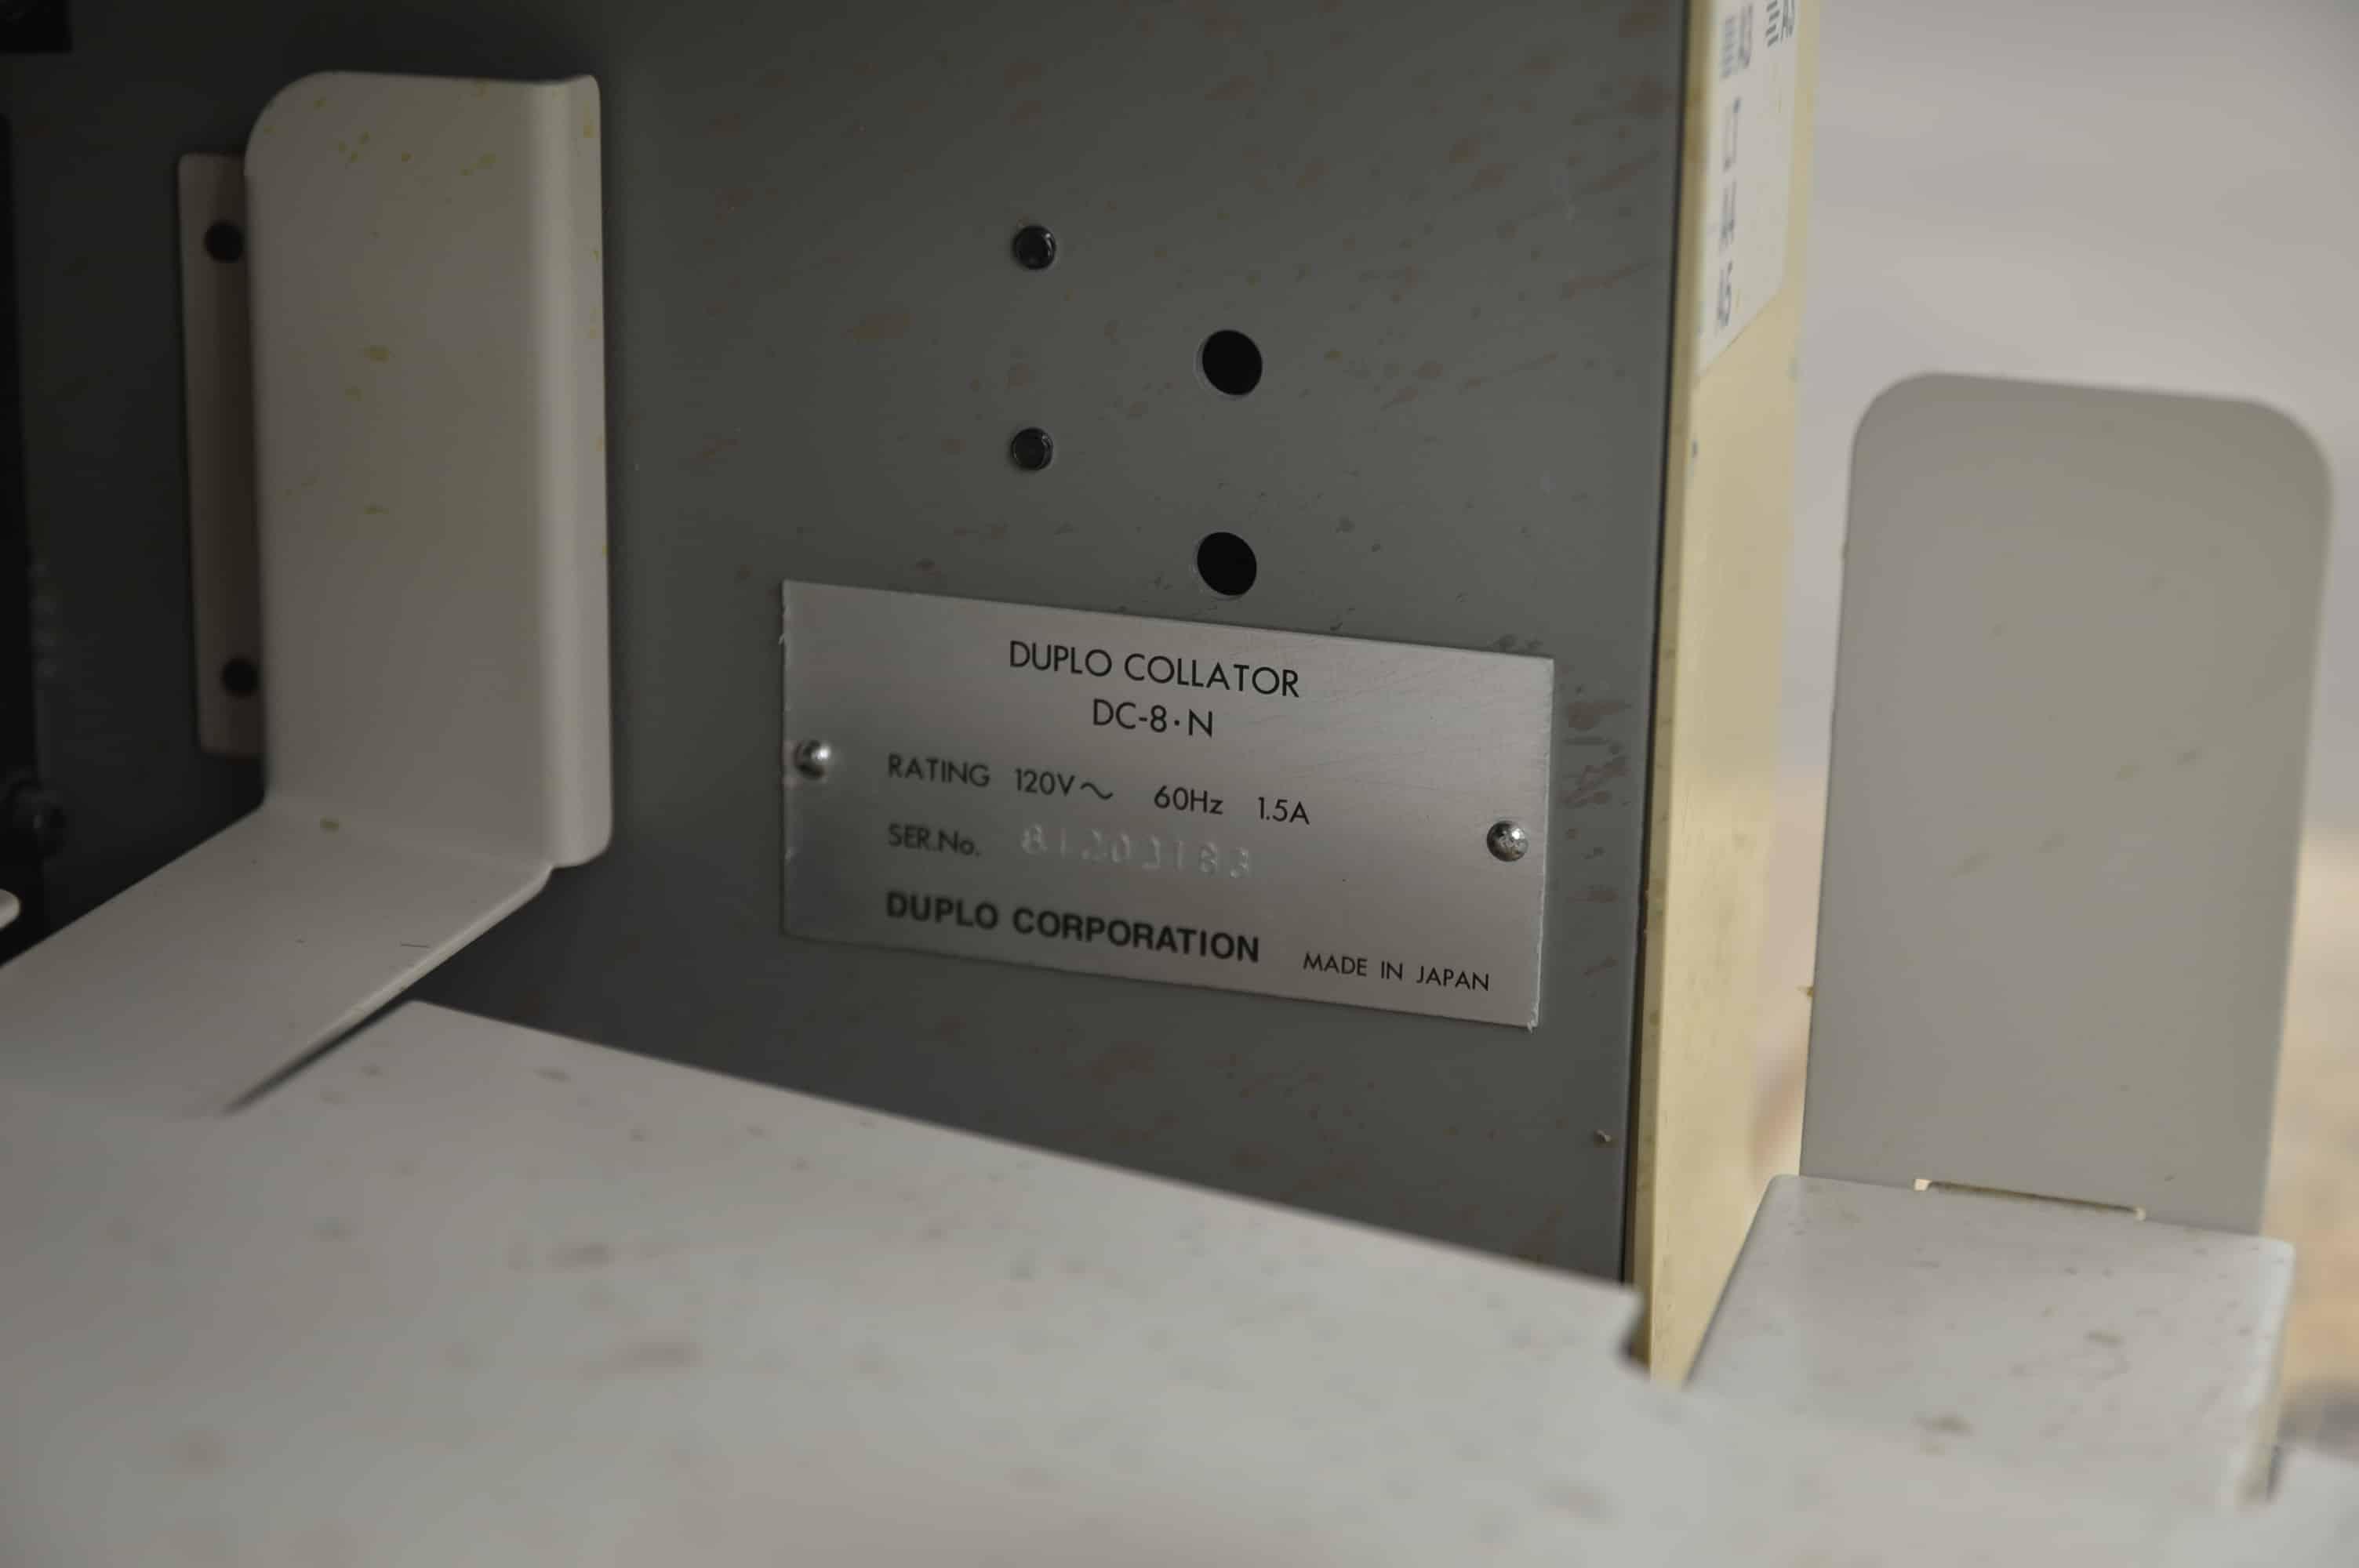 Duplo Dc 8 Mini Simple Operation Collator Boggs Equipment